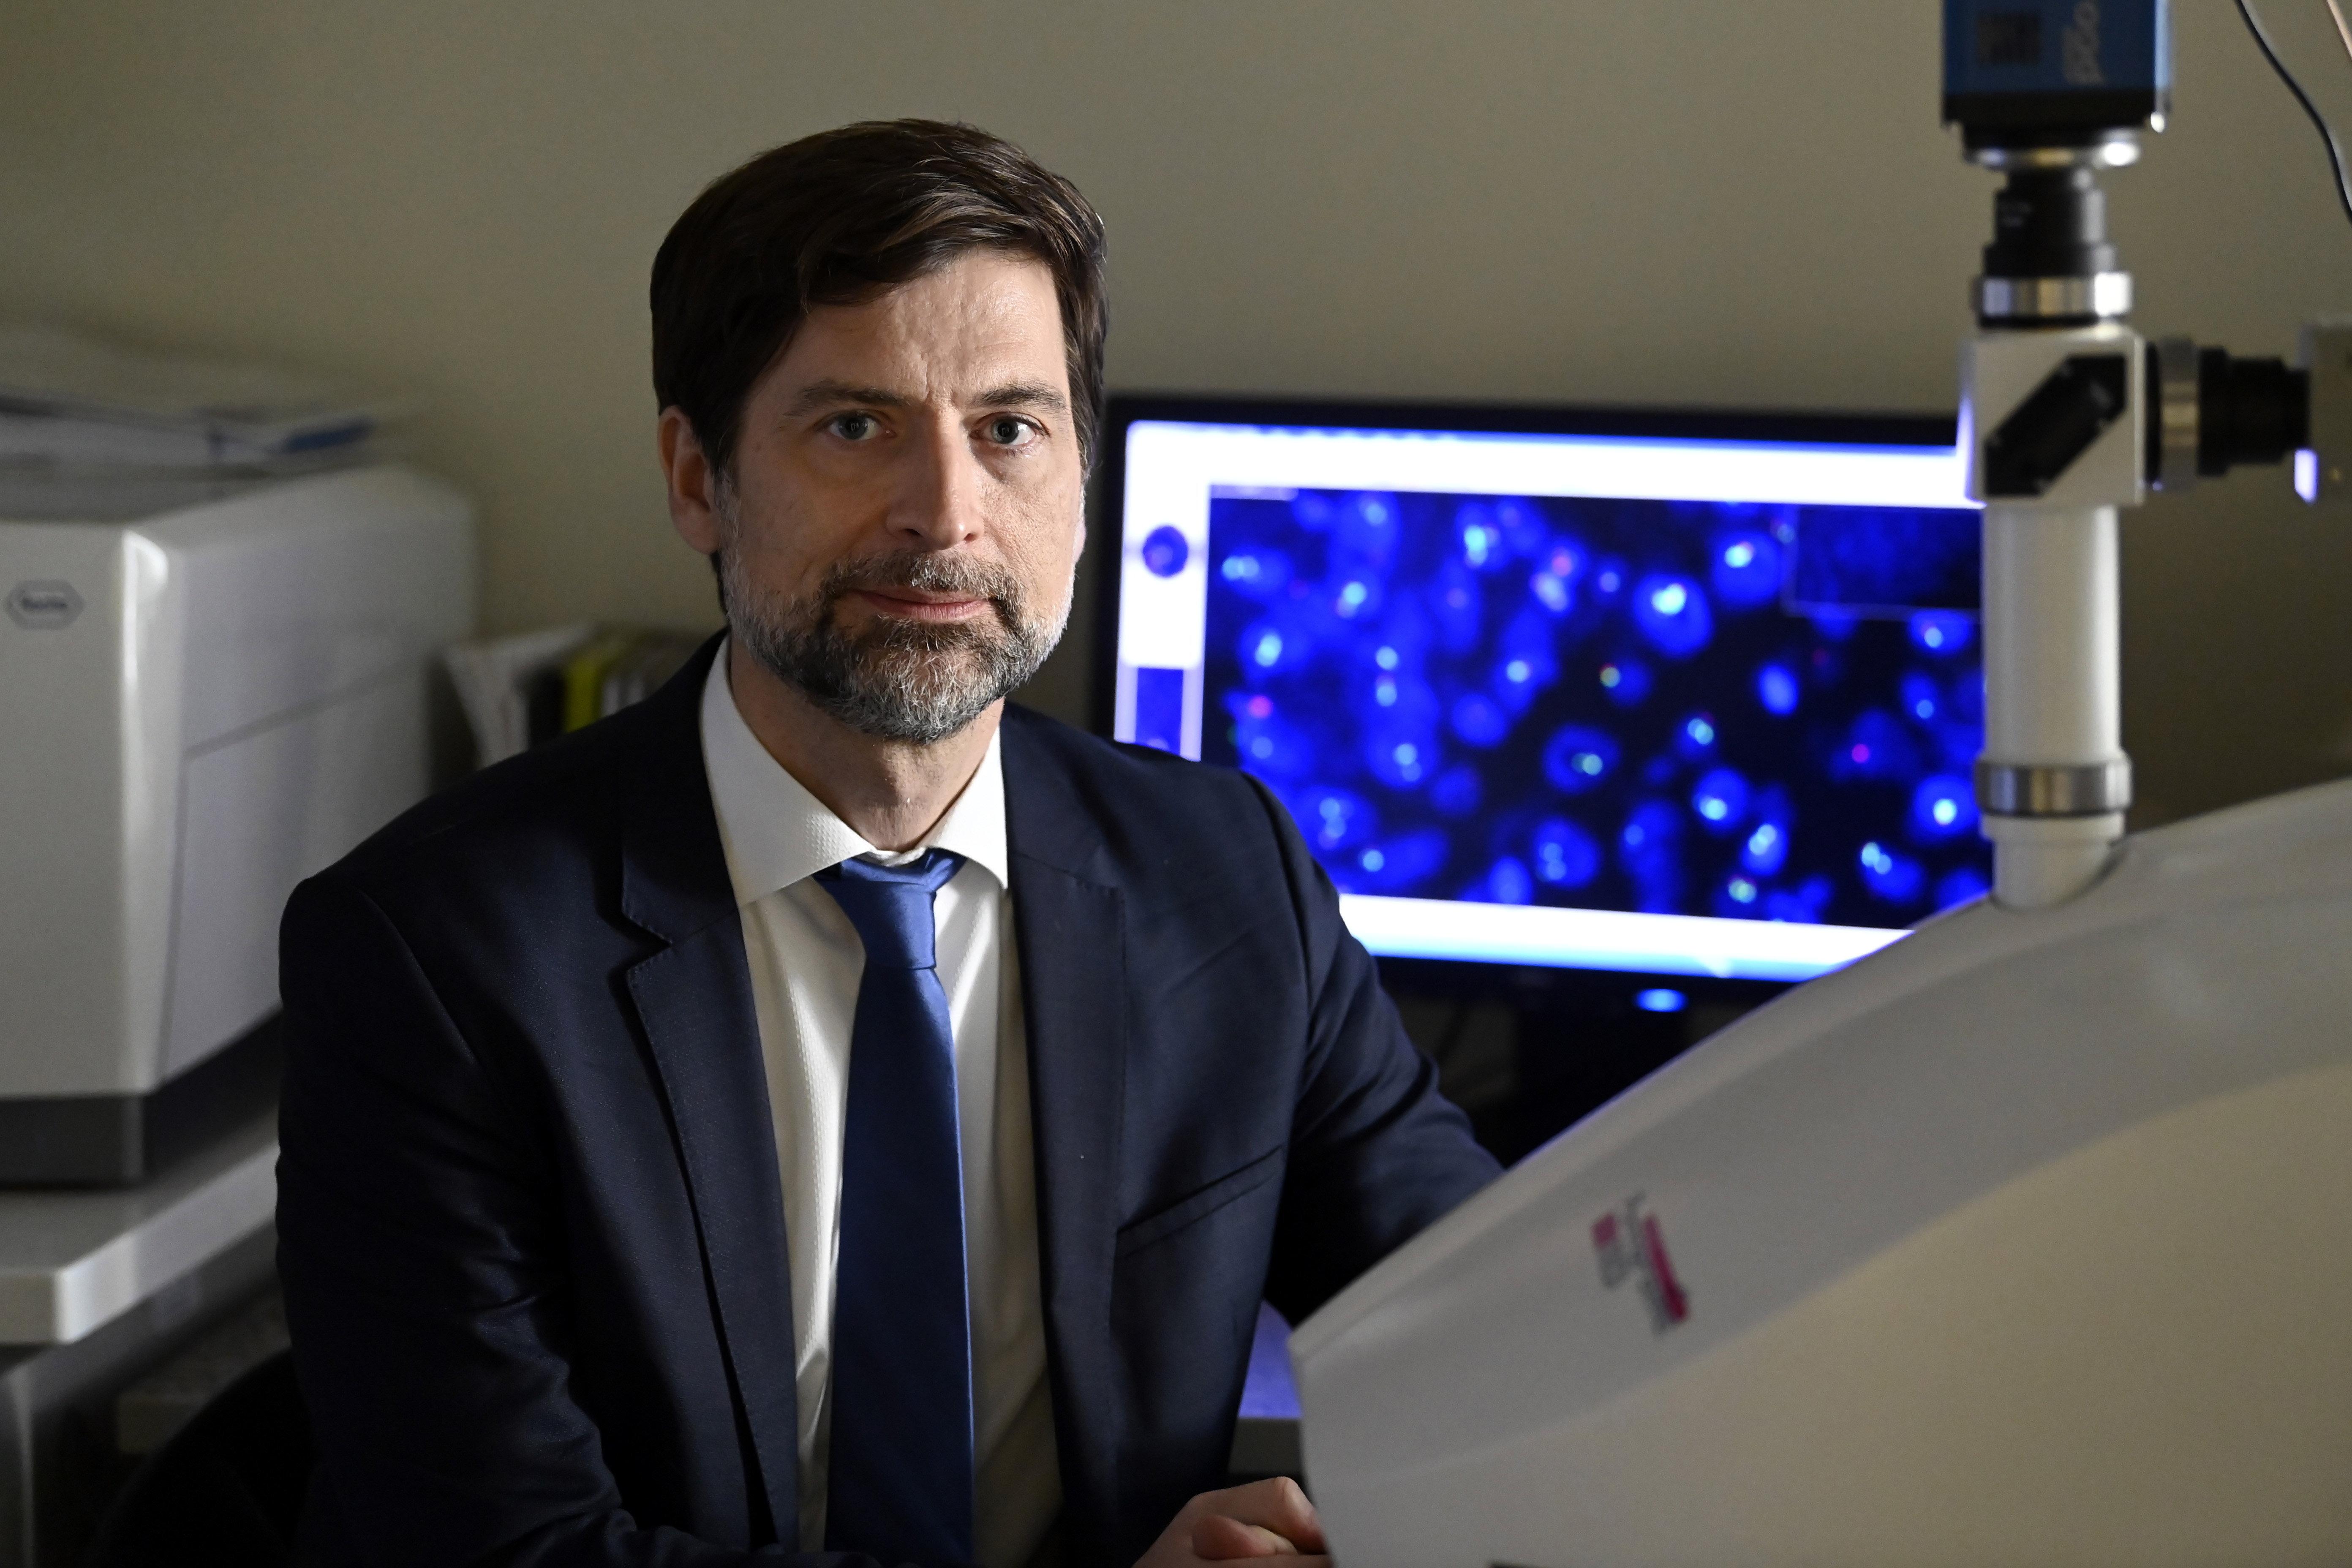 Magyar rákkutató cég nyerte el Európa legígéretesebb technológiai vállalkozásának járó díjat